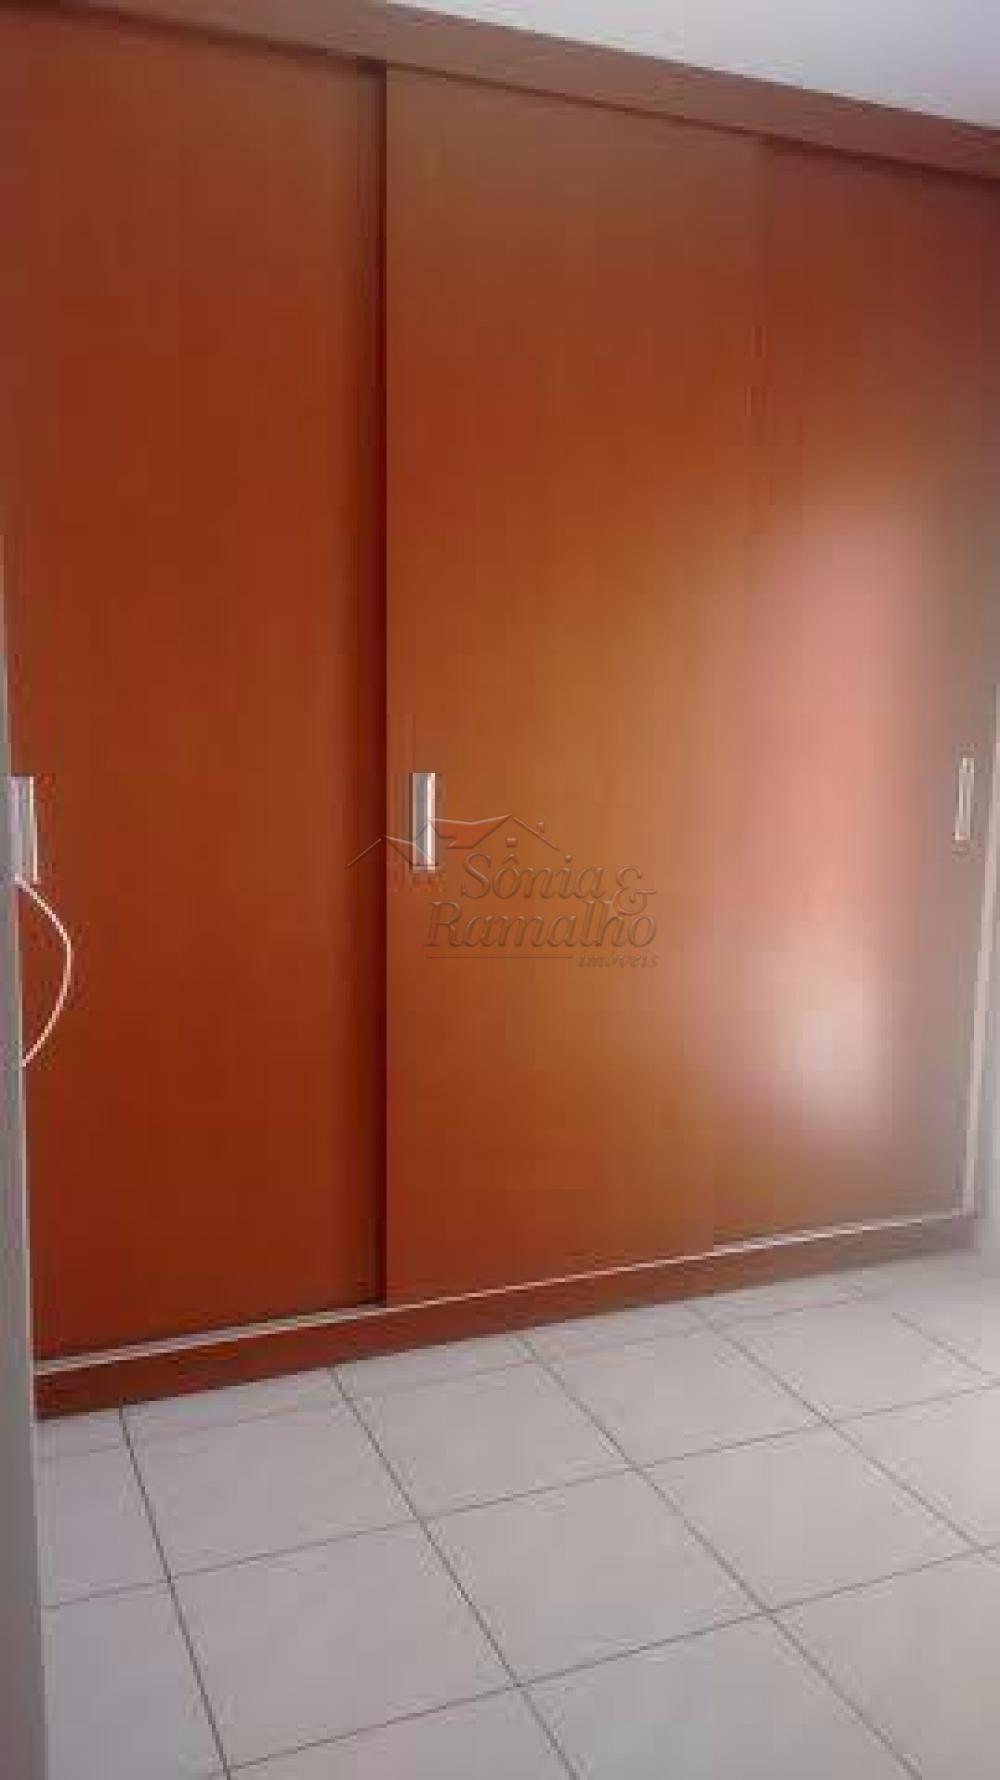 Comprar Casas / Padrão em Ribeirão Preto apenas R$ 277.000,00 - Foto 4